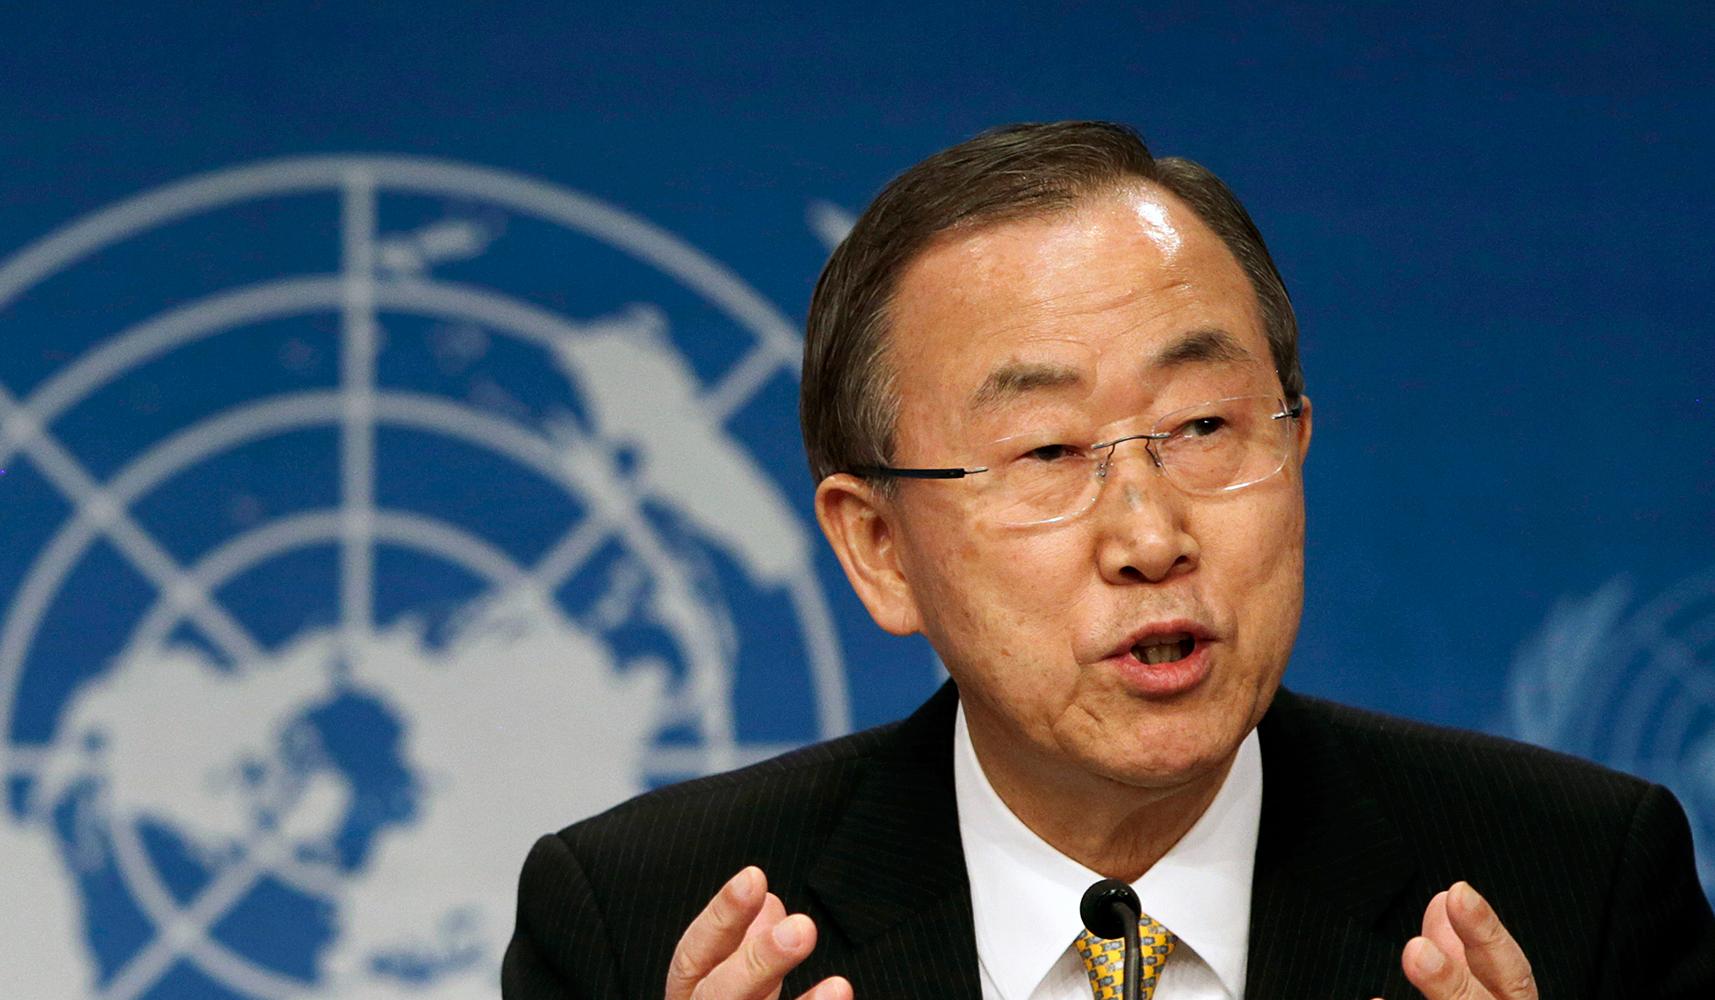 Προς υλοποίηση η Συμφωνία των Παρισίων για την κλιματική αλλαγή